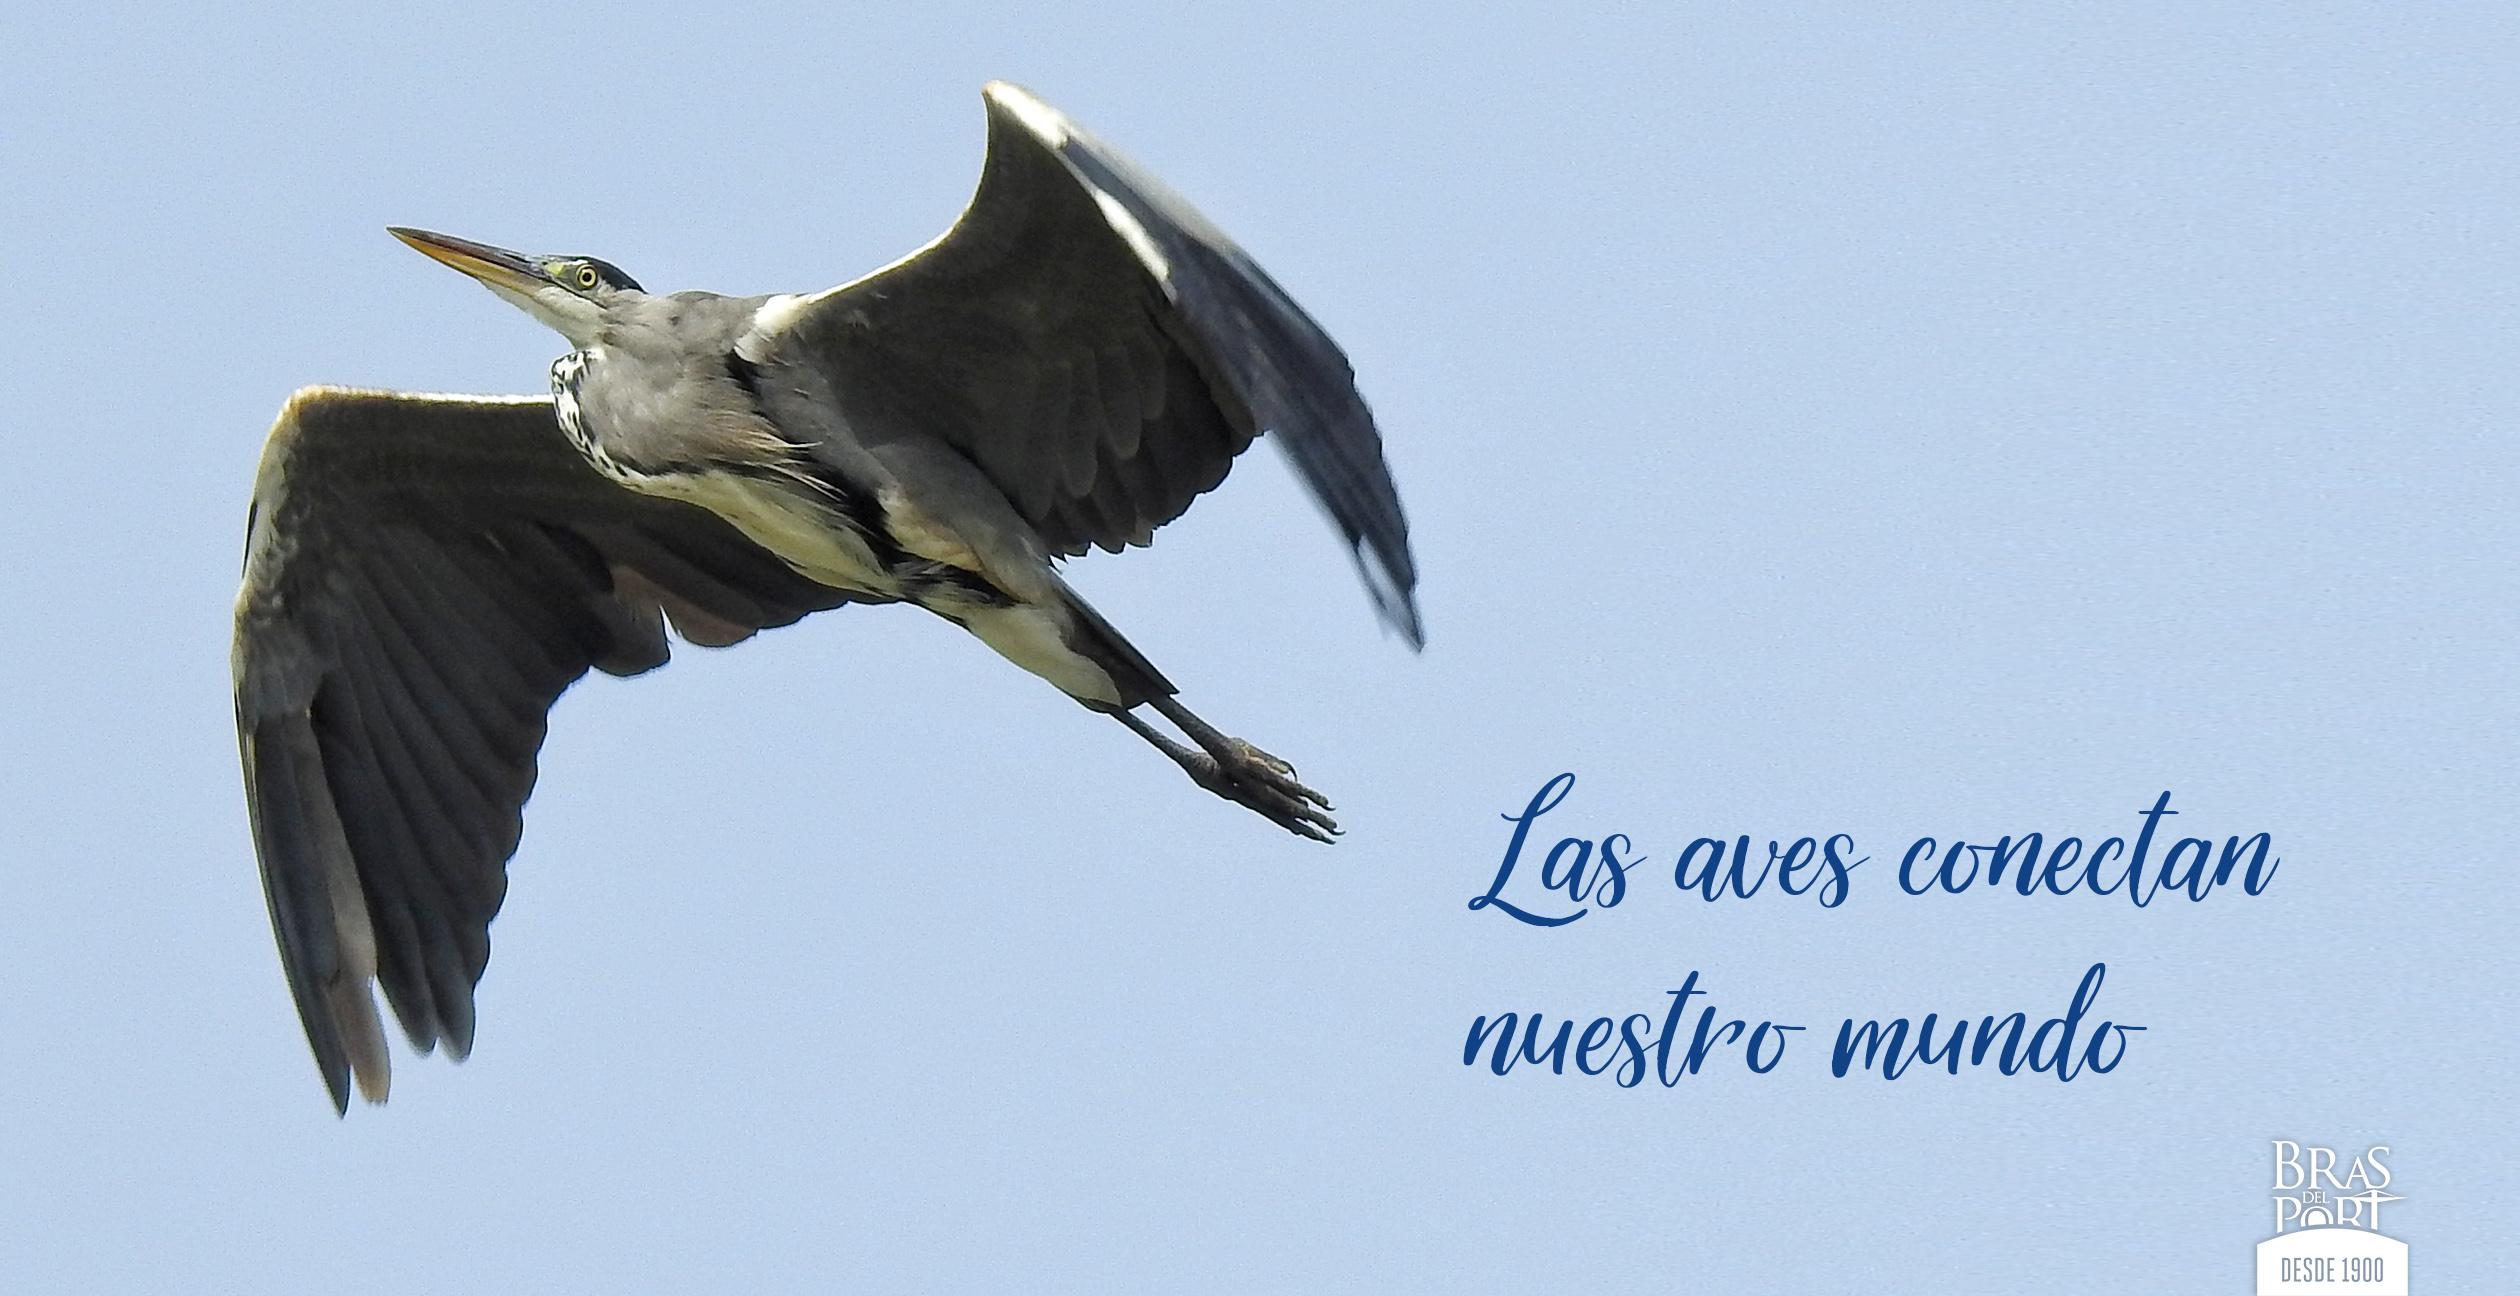 Día Mundial de las Aves Migratorias 2020